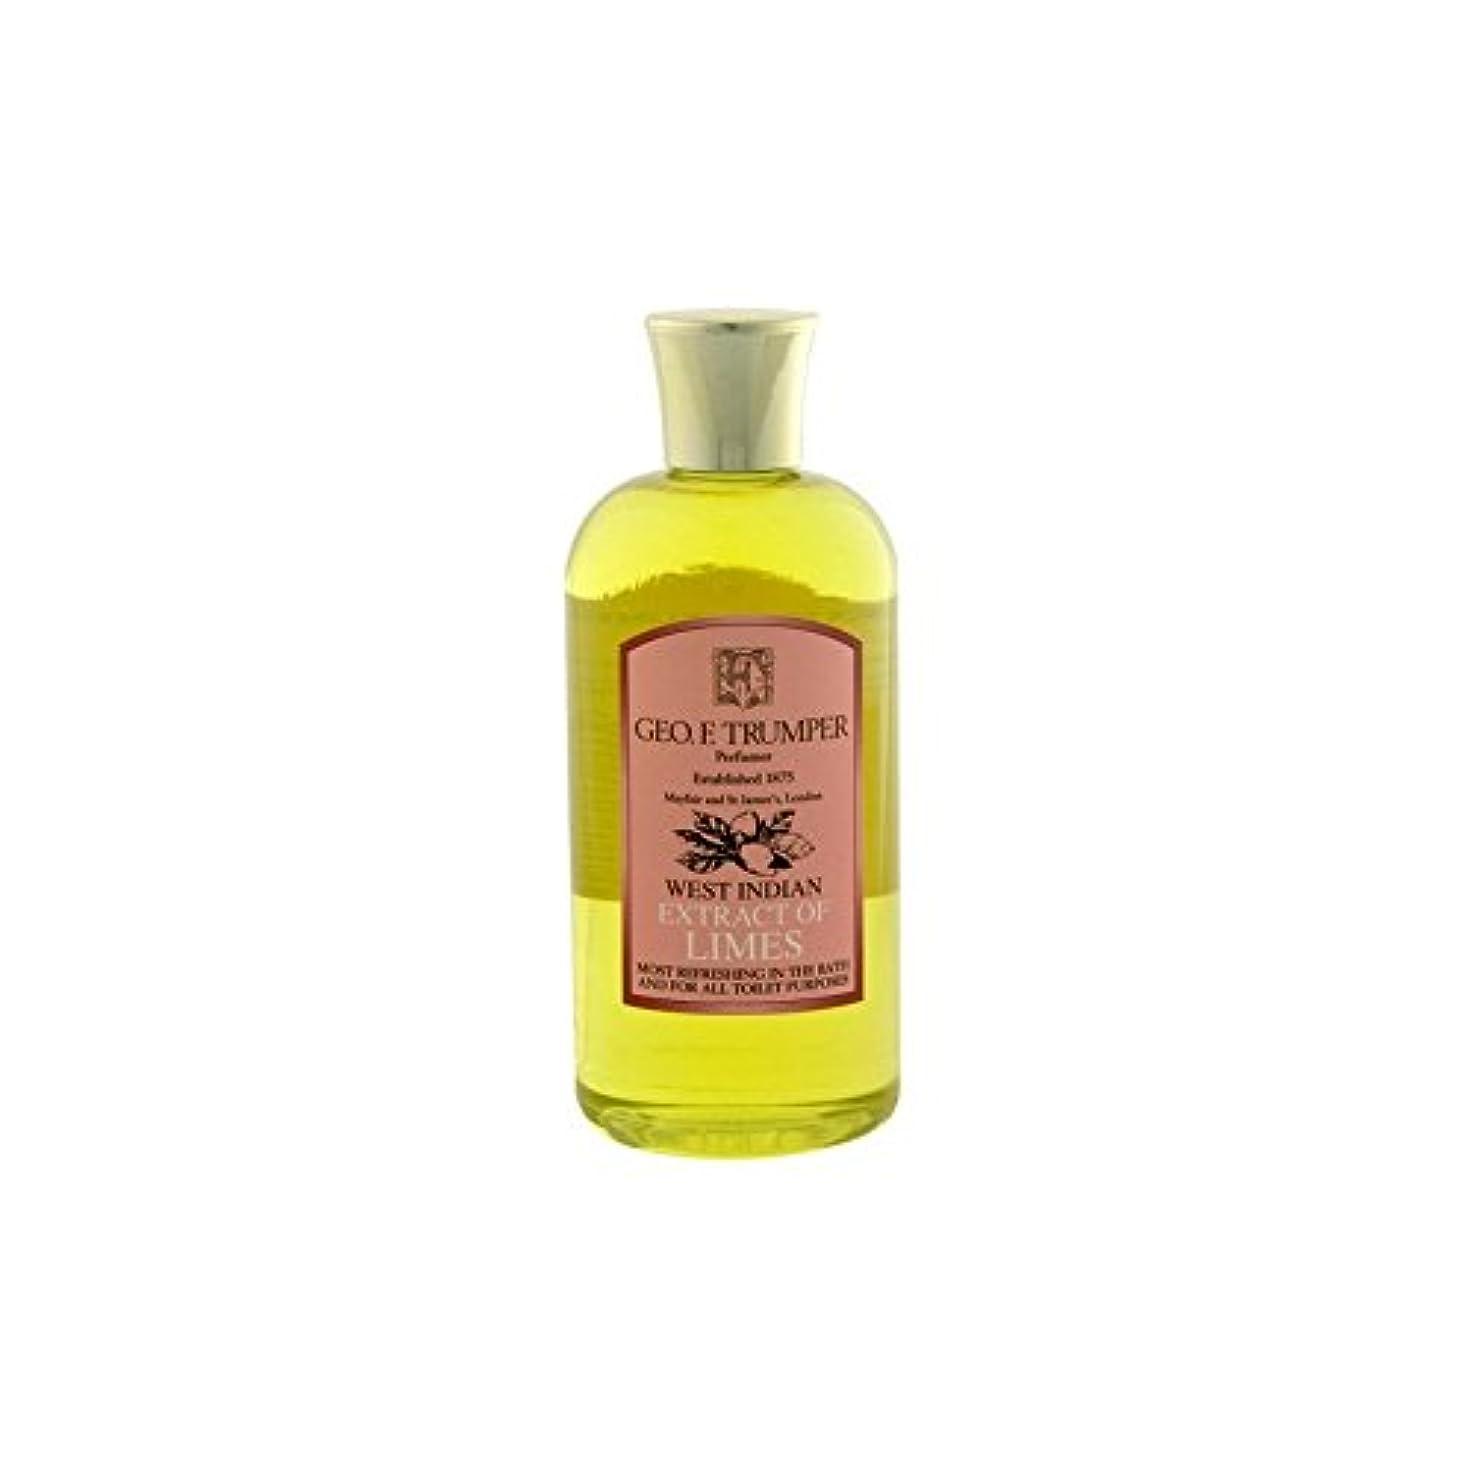 突然変形混乱したライムのバス&シャワージェル - 500ミリリットル旅 x2 - Trumpers Limes Bath & Shower Gel - 500ml Travel (Pack of 2) [並行輸入品]